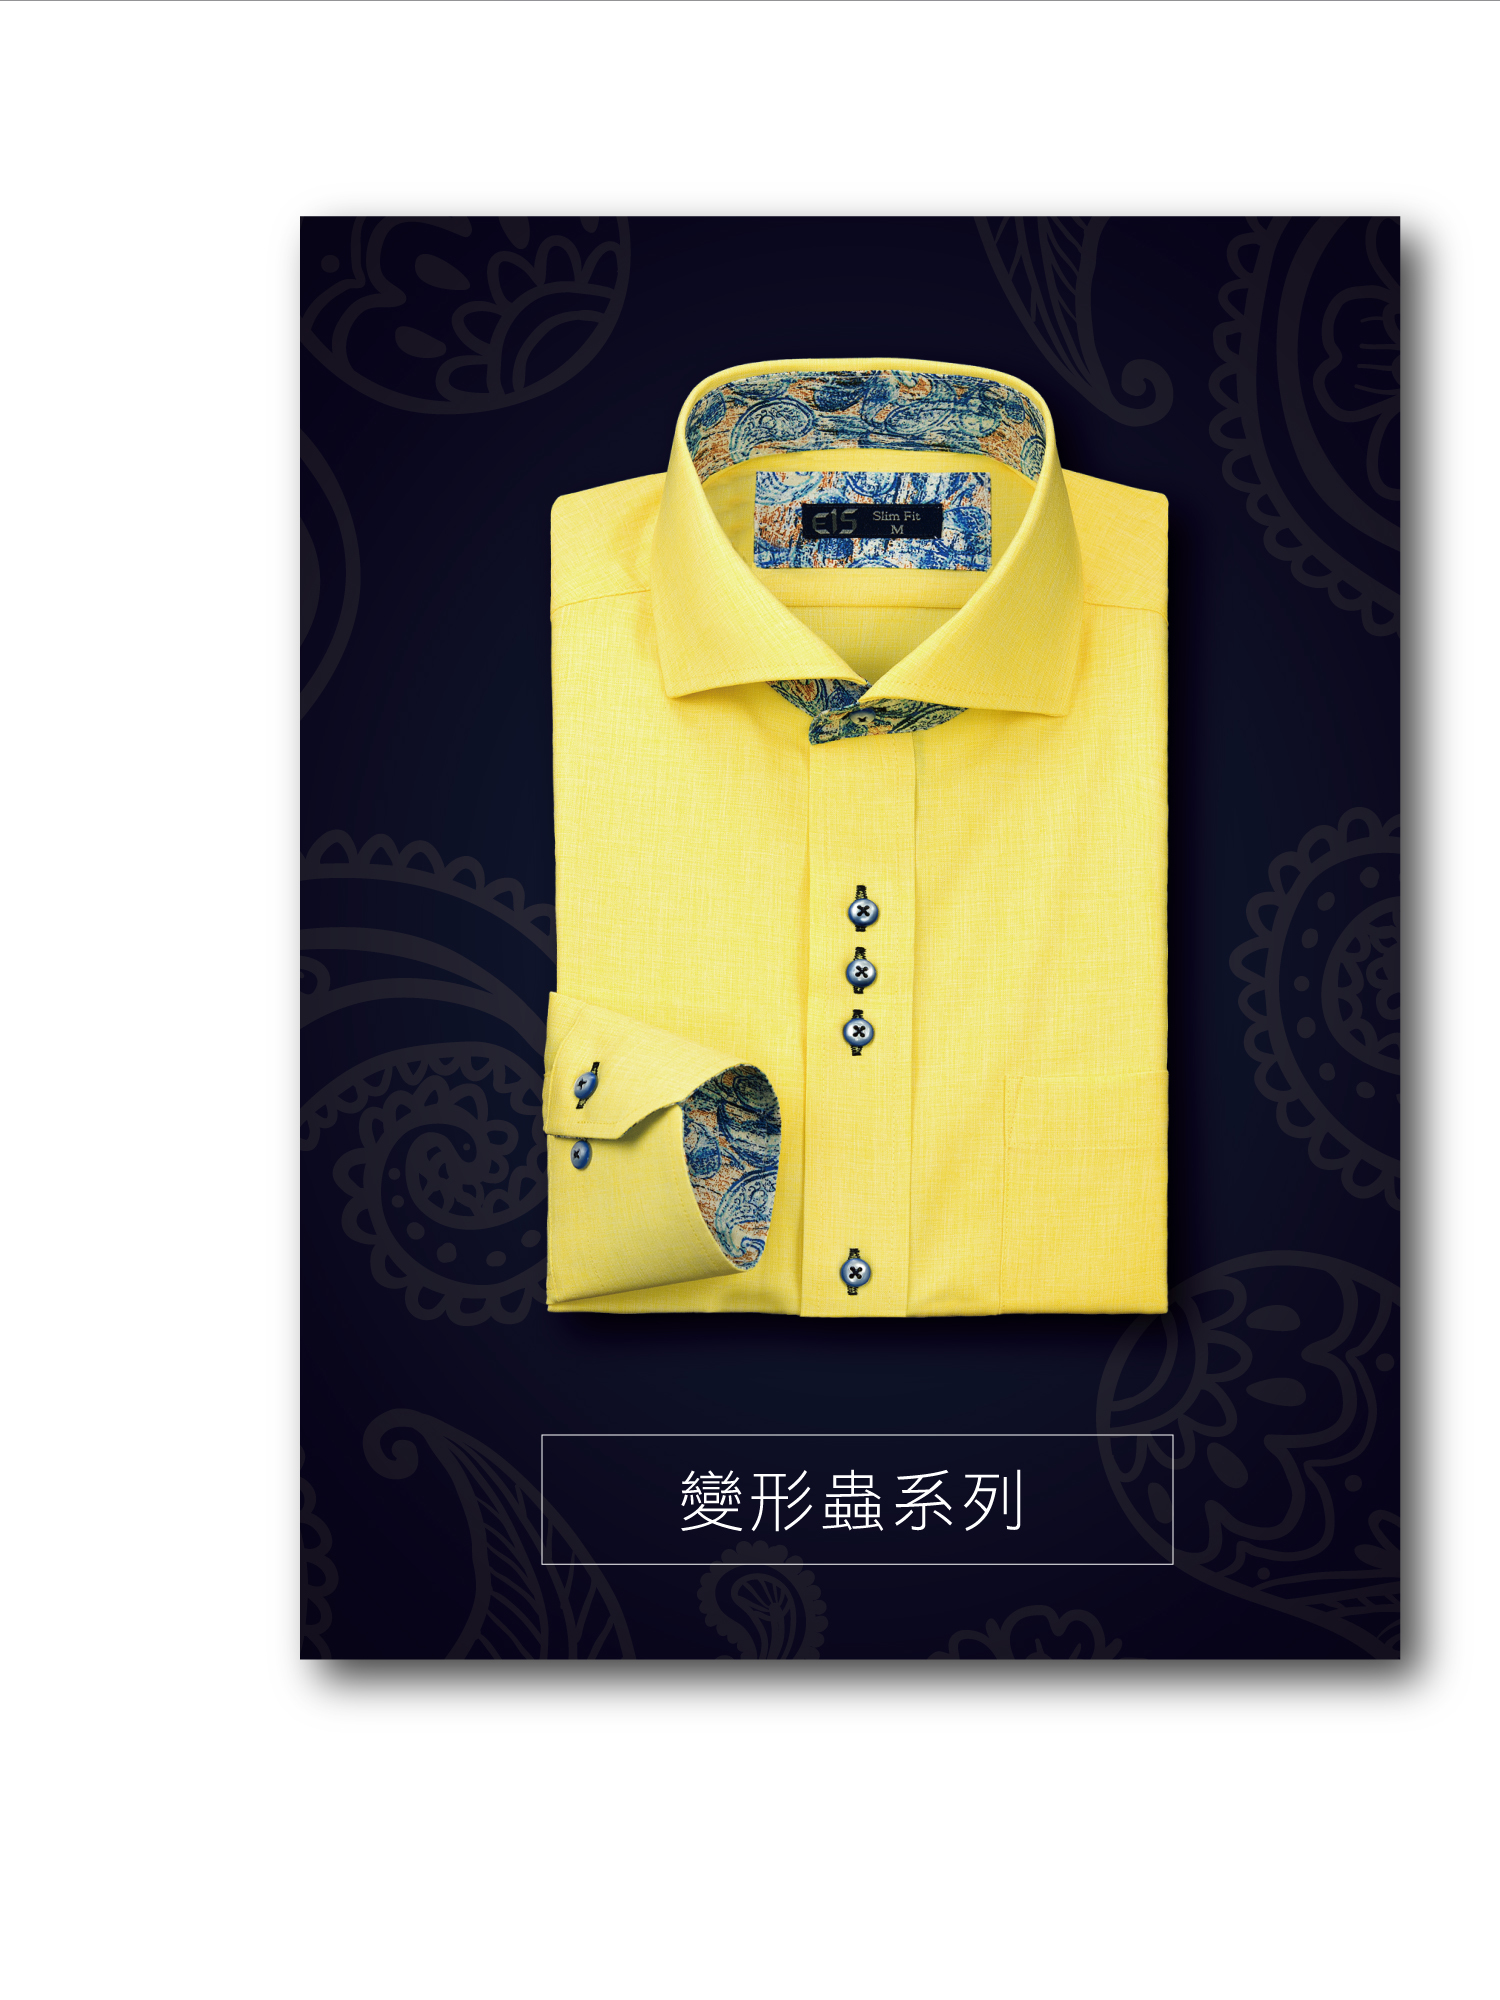 衣十五商務襯衫變形蟲系列